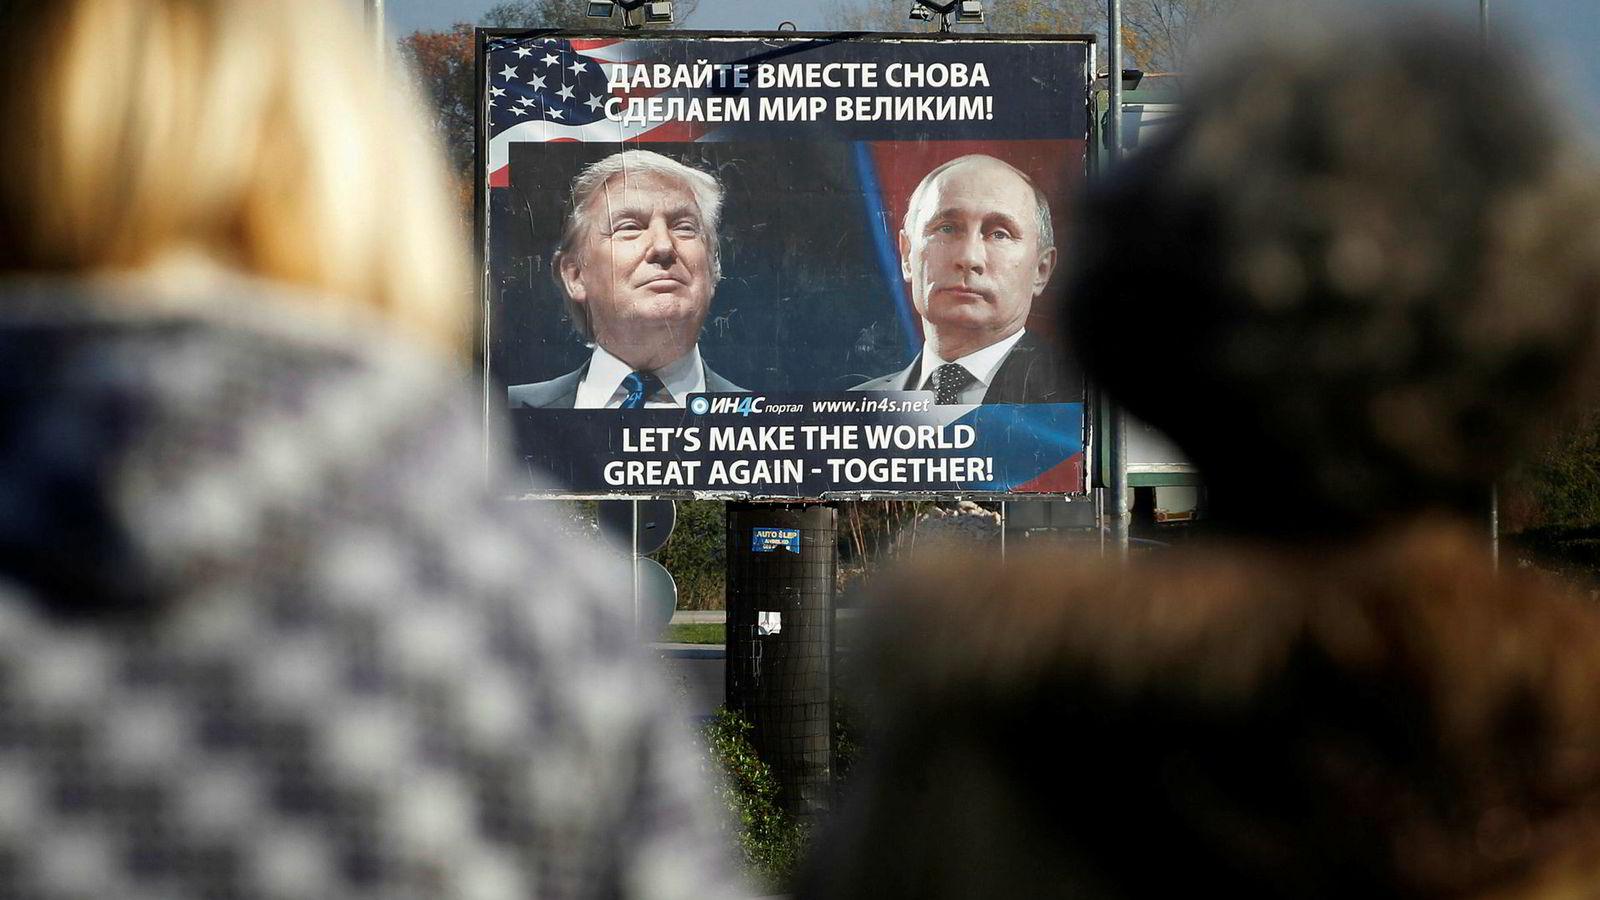 Det er ikke underlig at Trump beundrer Putin. Den russiske presidenten har den direkte kontrollen med økonomien som Trump ikke har. Trump disponerer i utgangspunktet ikke penger, det gjør Kongressen. Plakat fra et veikryss i Montenegro.